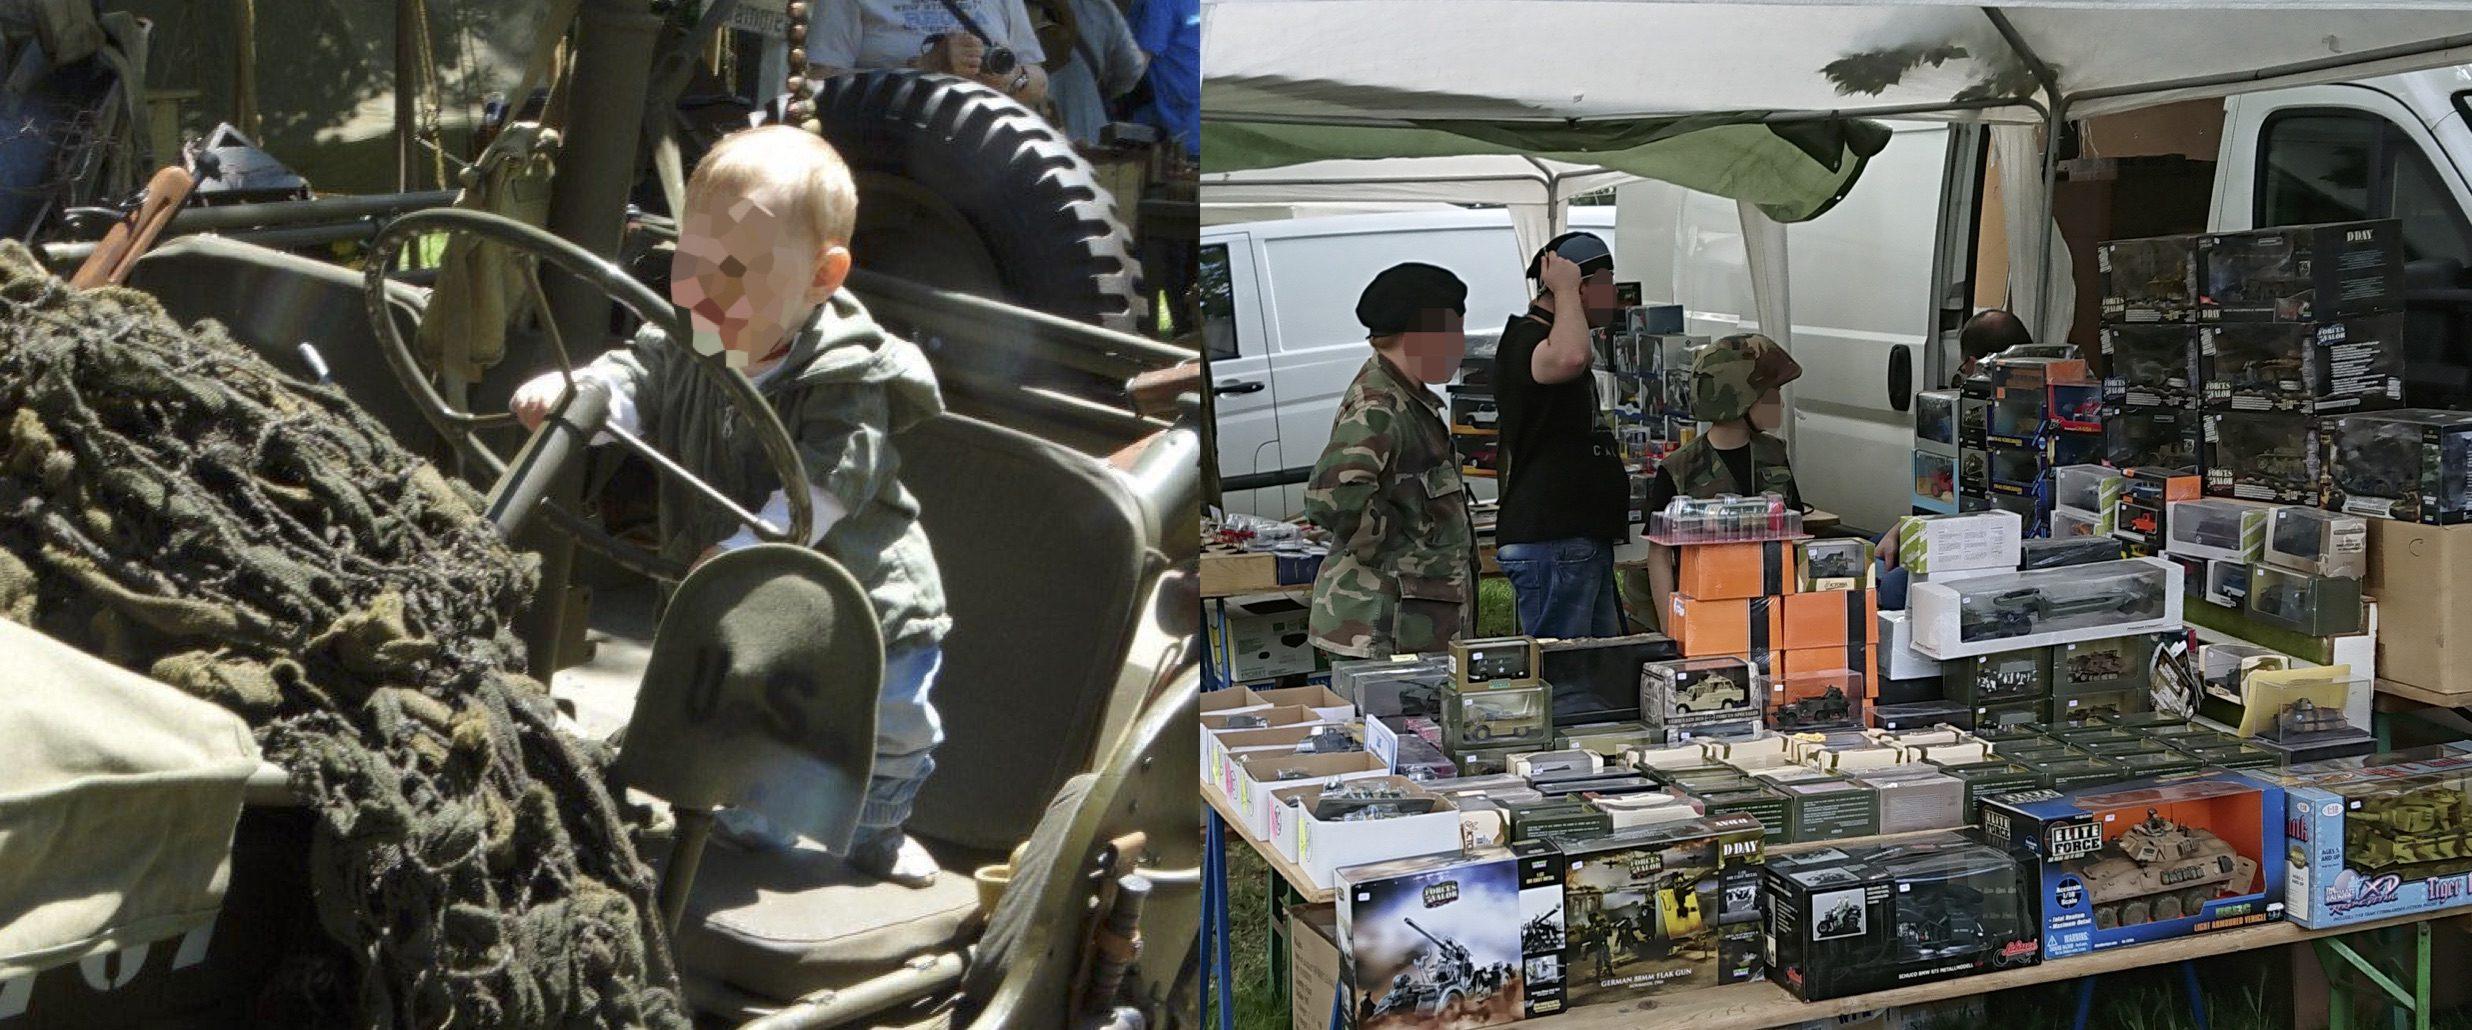 Die Panzerschau als Familienevent: Kinder auf Militärfahrzeugen und in Uniform (©SdR)